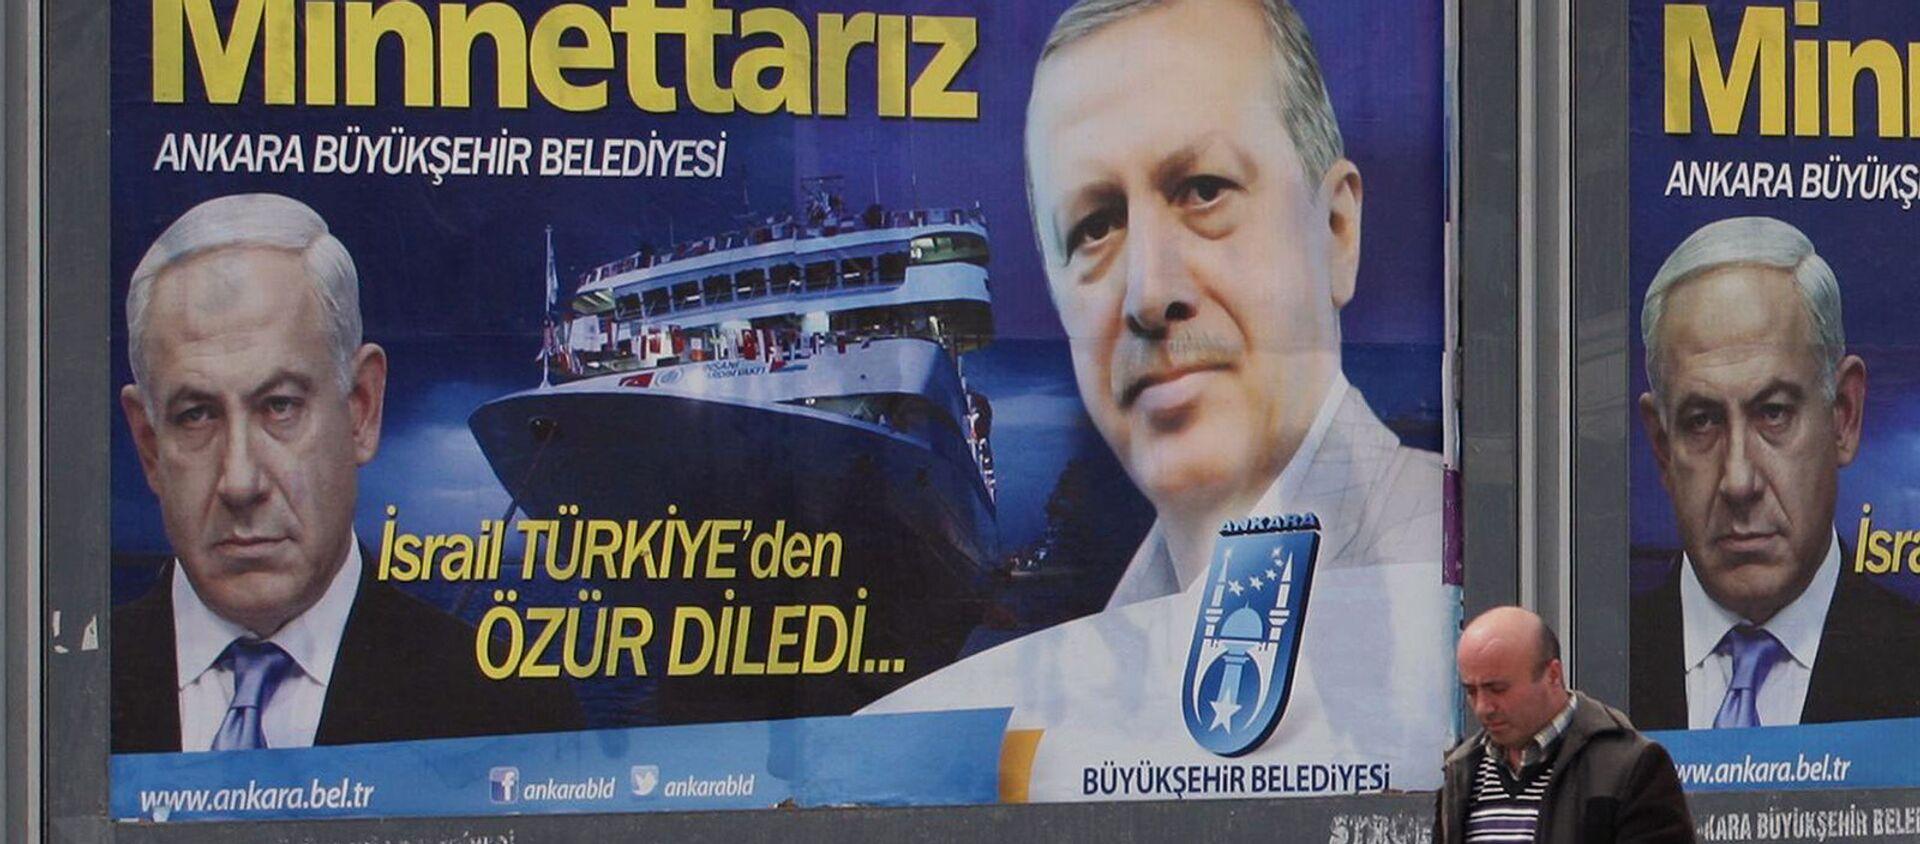 Рекламный щит с фотографиями Биньямина Нетаньяху и Реджепа Тайипа Эрдогана, размещенный на главной улице у муниципалитета Анкары (25 марта 2013). Турция - Sputnik Արմենիա, 1920, 30.04.2021